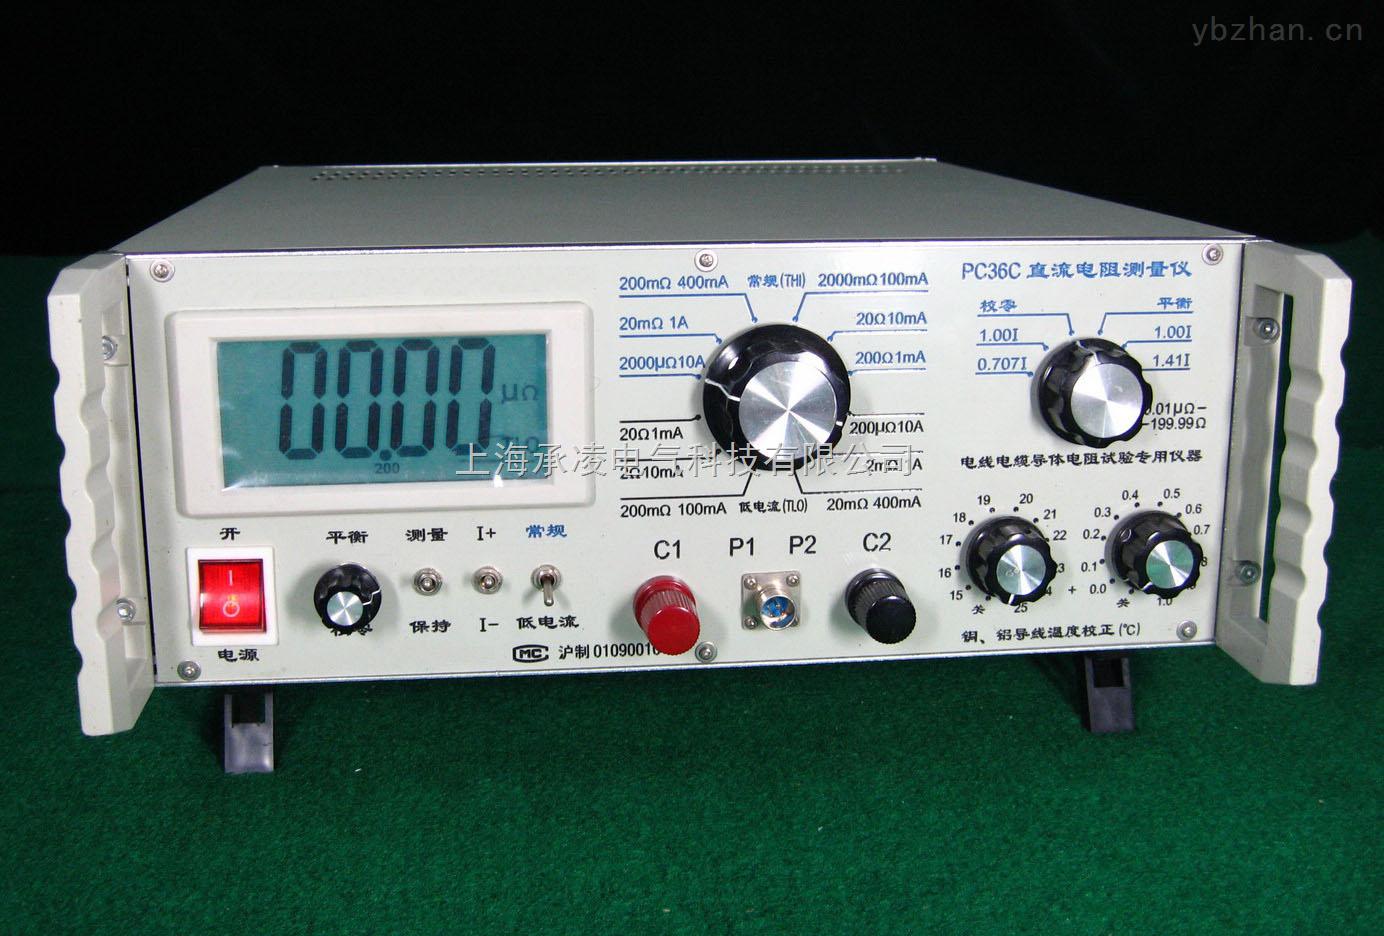 最新PC36C直流电阻测量仪